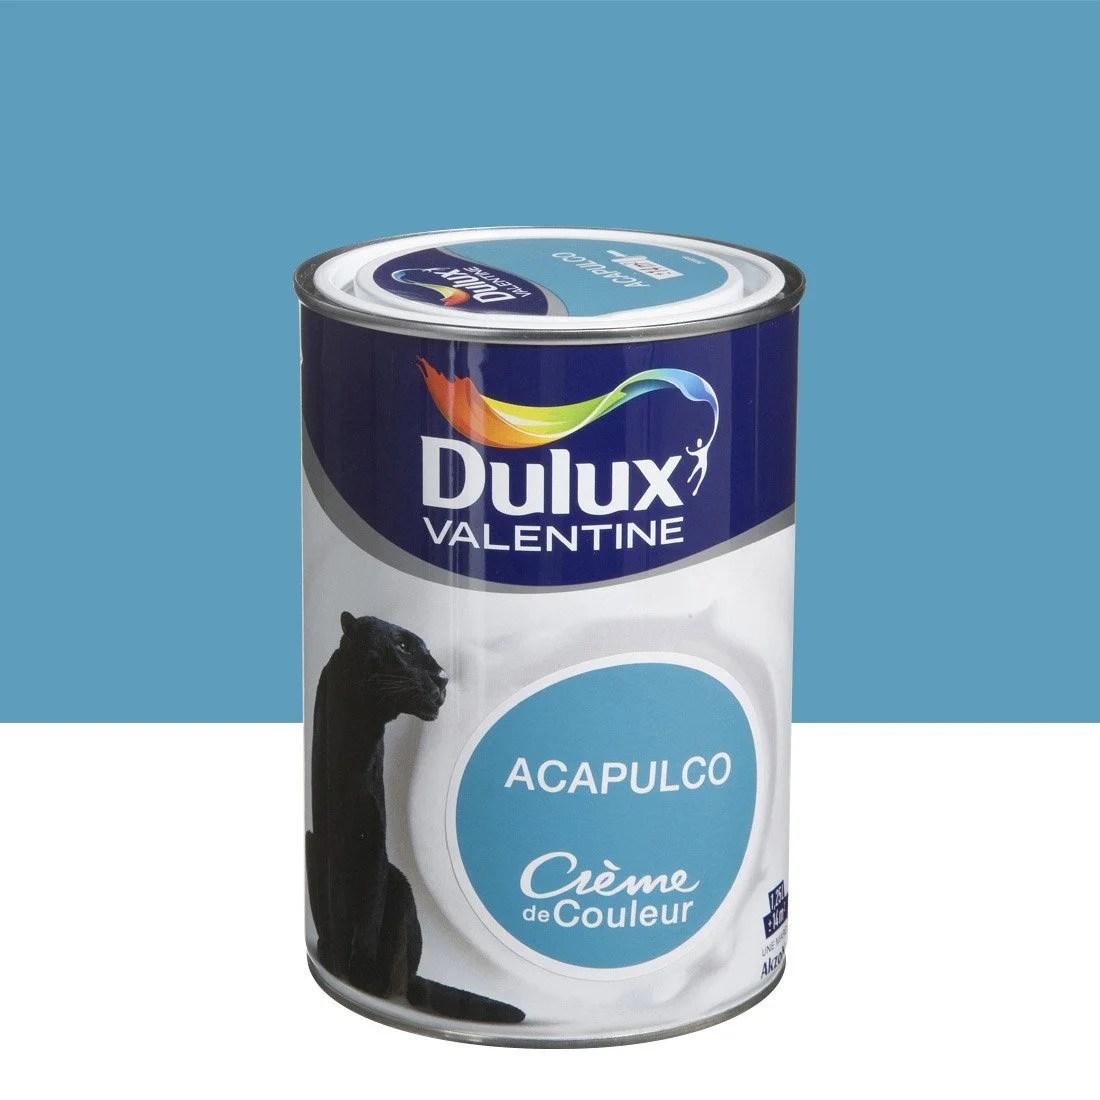 Peinture Bleu Acapulco DULUX VALENTINE Crme De Couleur 1